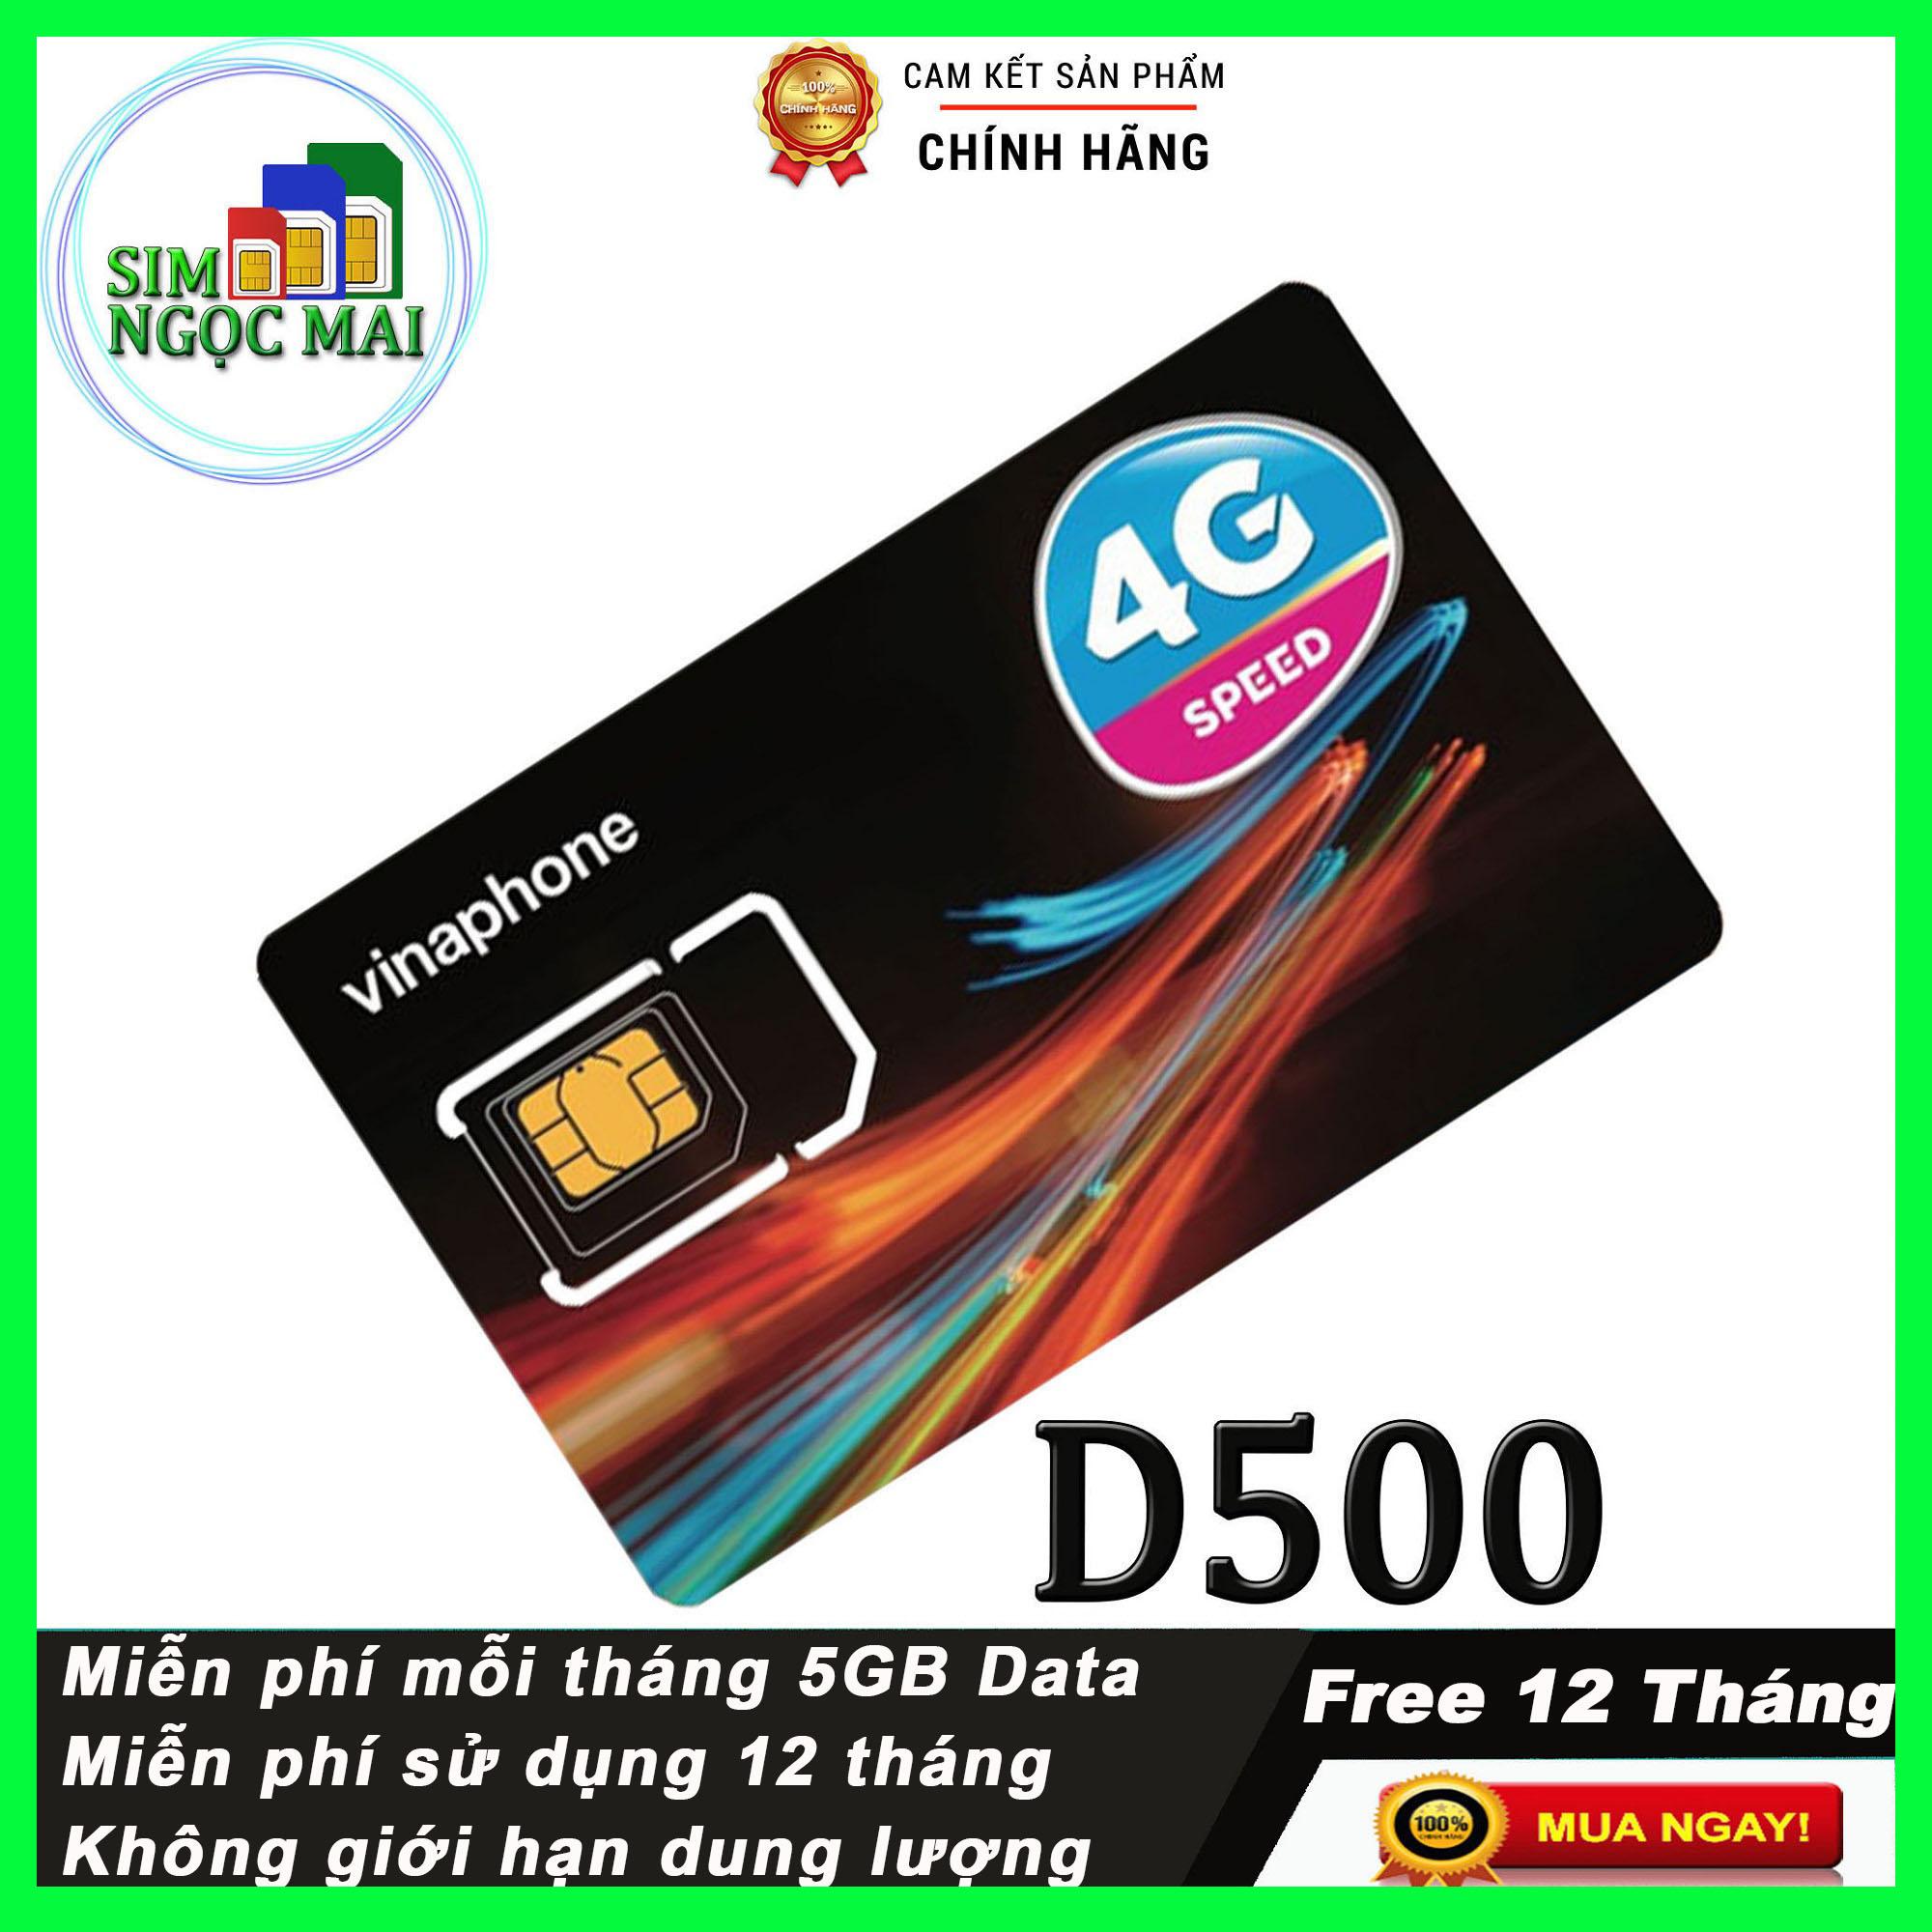 Offer Khuyến Mãi Sim 4G Vinaphone D500 Trọn Gói 12 Tháng (5GB/Tháng)